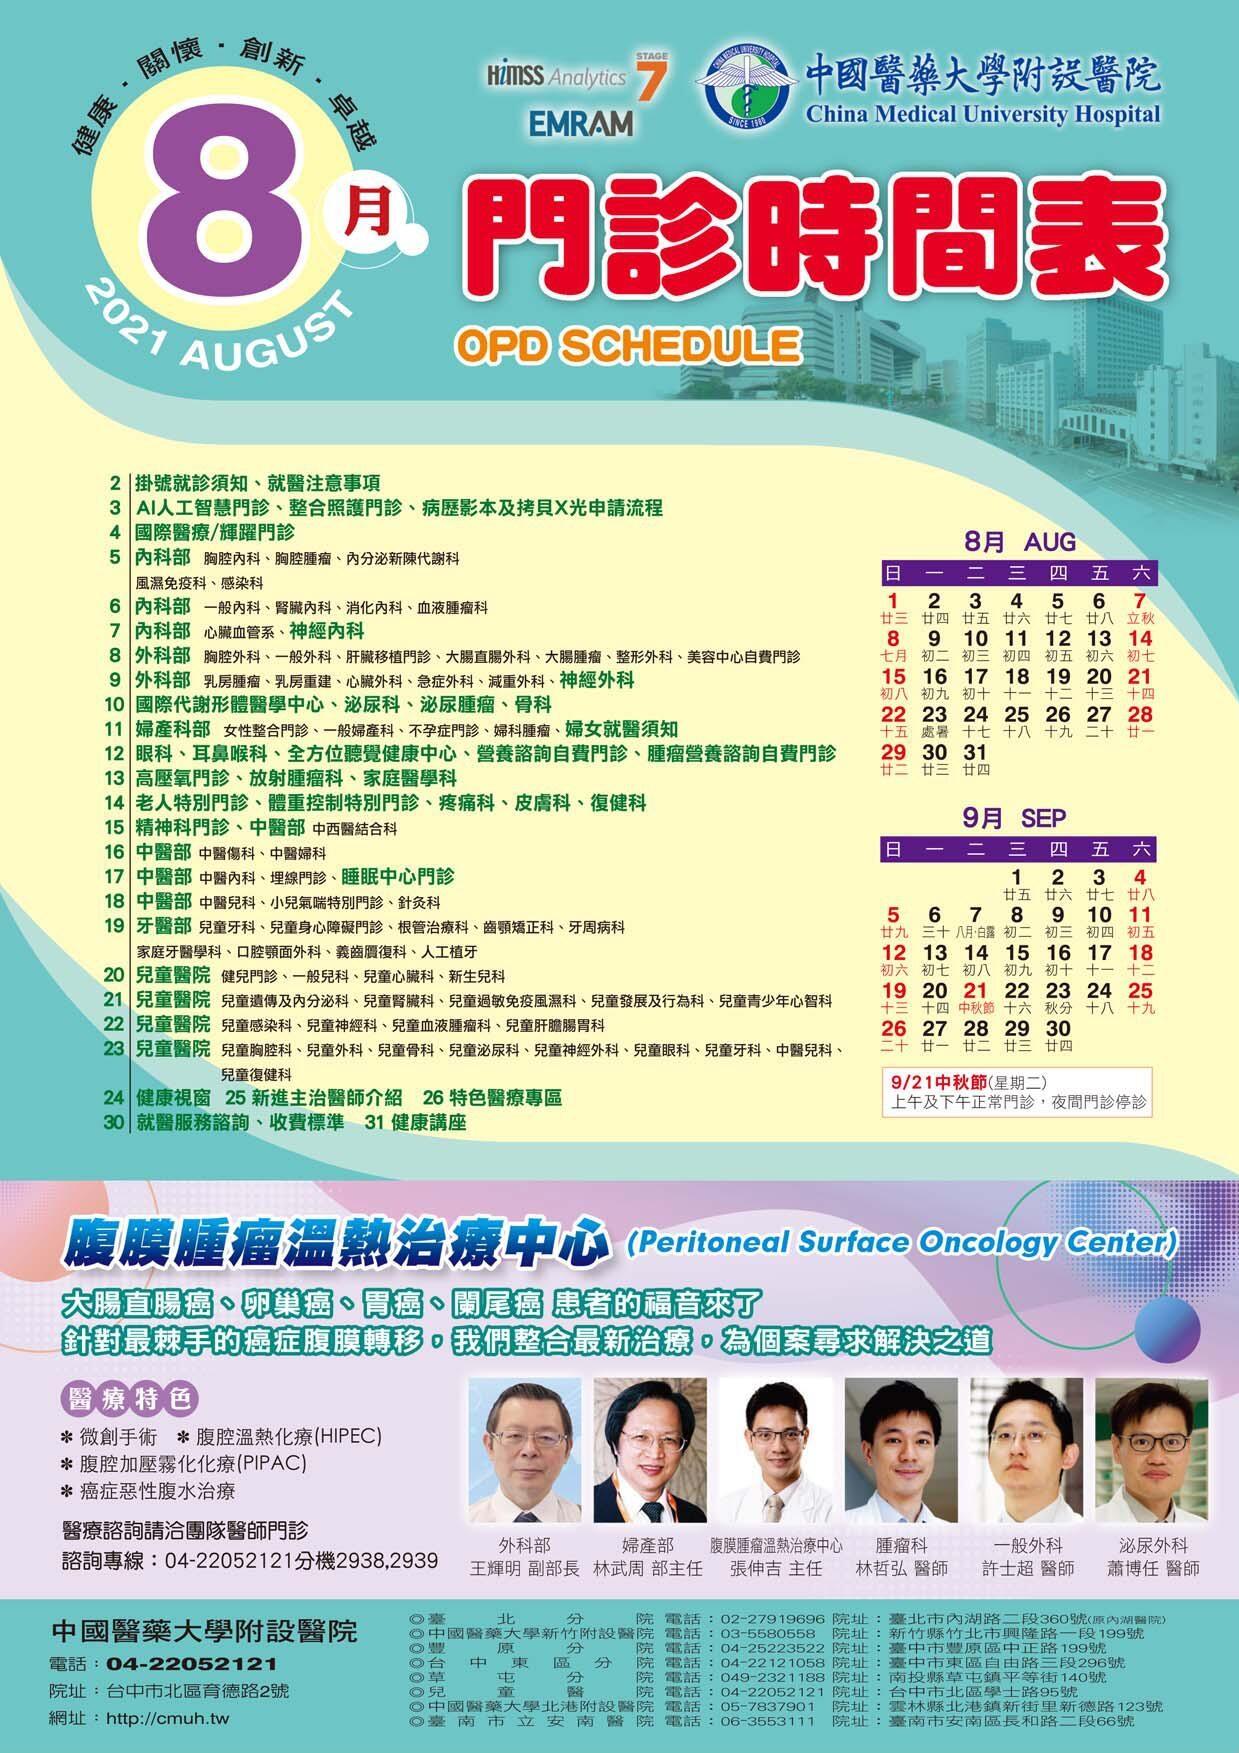 中國附醫110年8月門診時間表